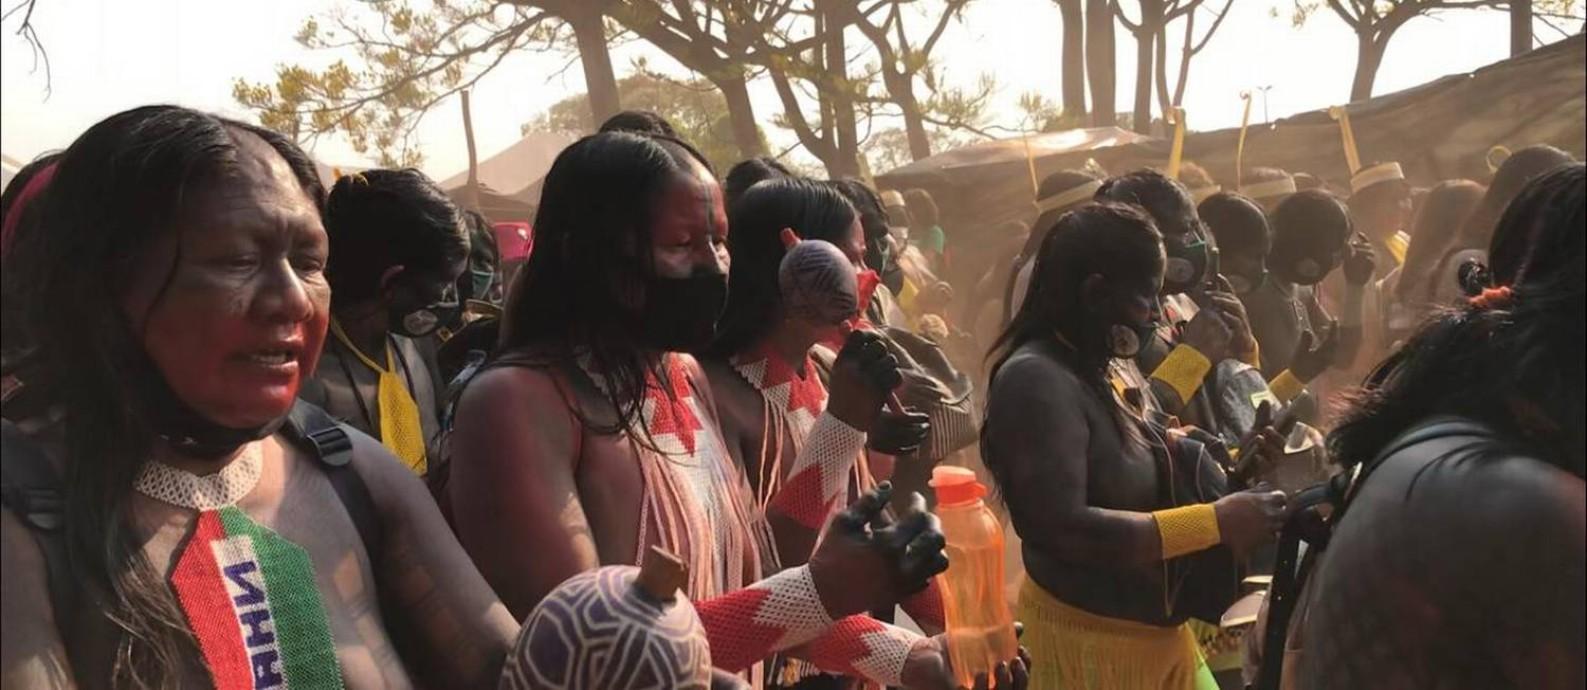 Mulheres indígenas marcham em Brasília pelo direito à terra Foto: Divulgação/Assessoria de Comunicação do CIMI